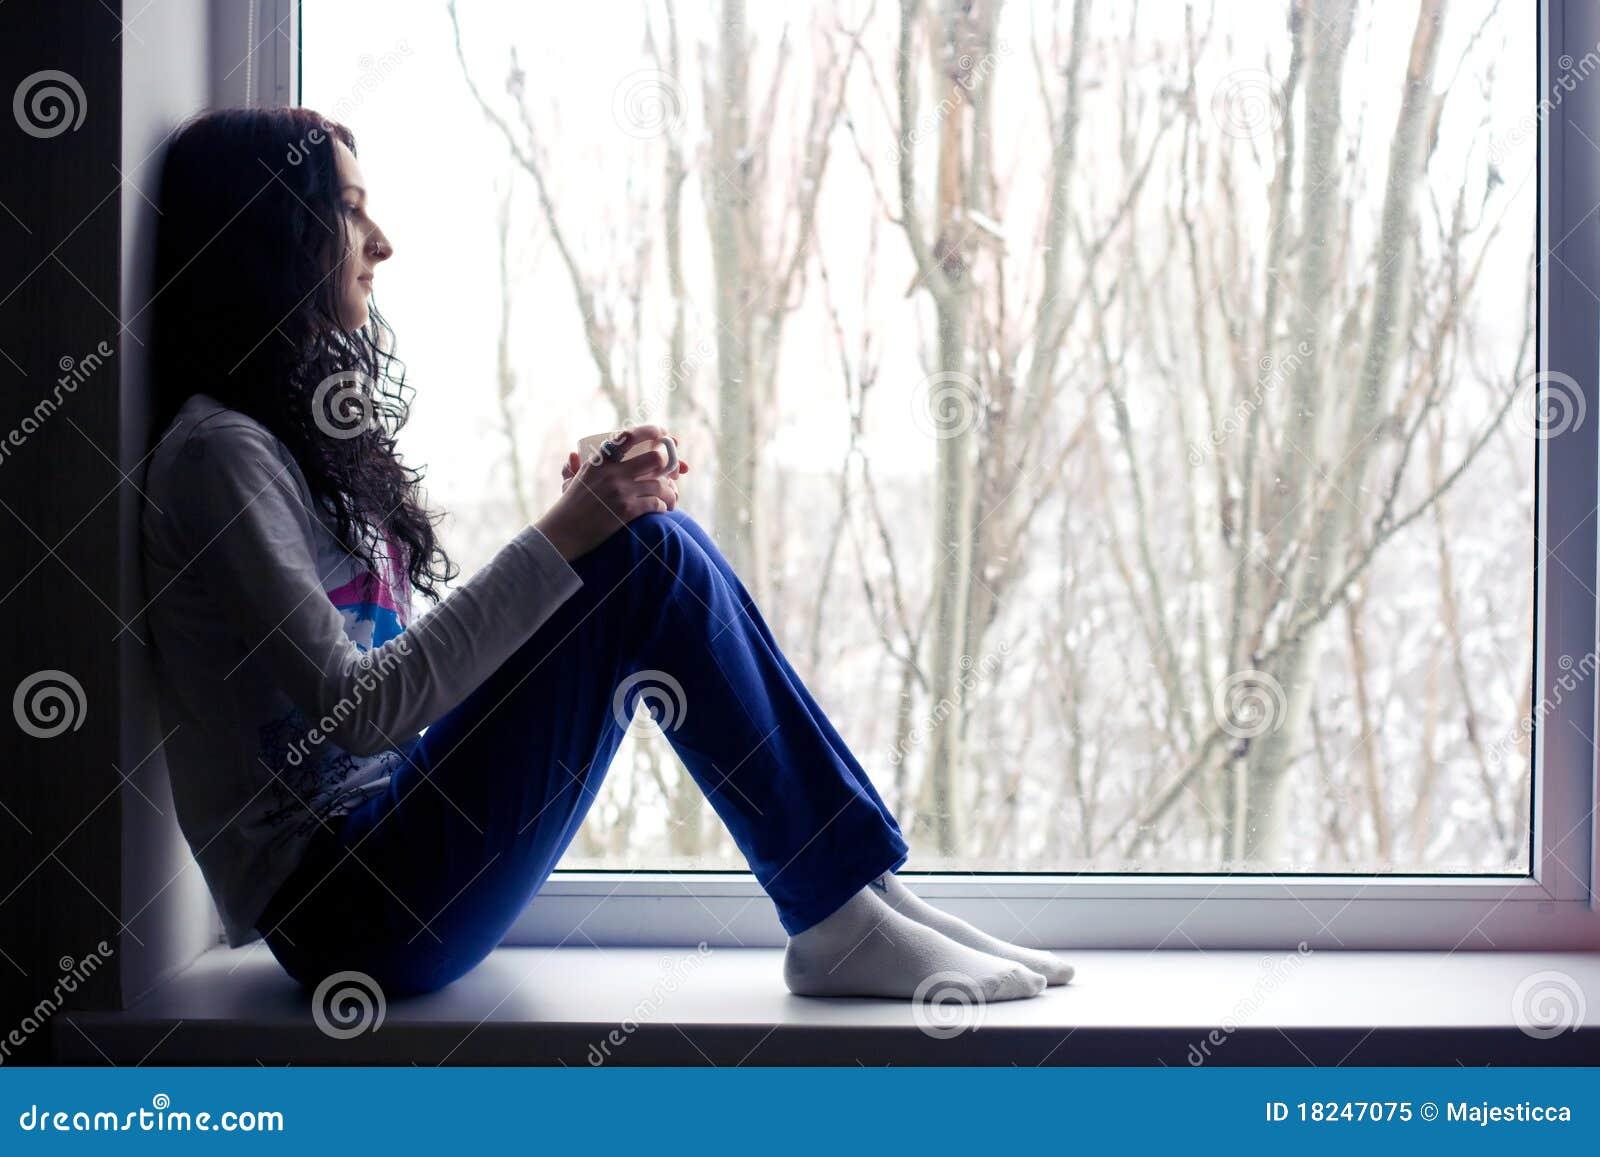 Ragazza sola vicino alla finestra con la tazza fotografia stock libera da diritti immagine - Ragazza alla finestra ...